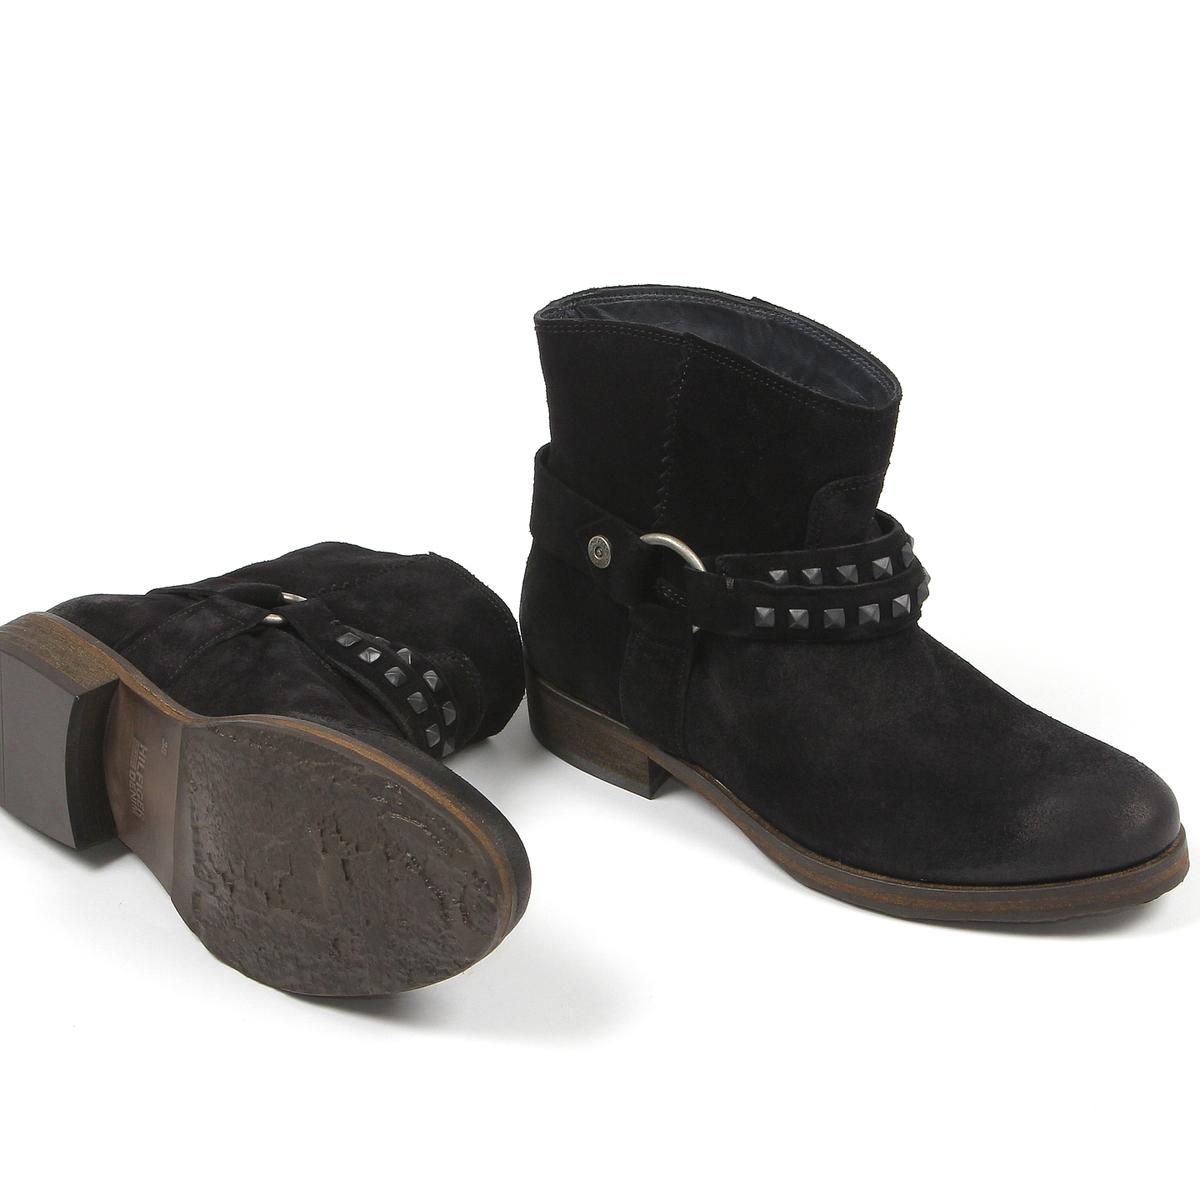 be1943c4849 Tommy Hilfiger dámské černé kožené boty Avive 7B - Mode.cz